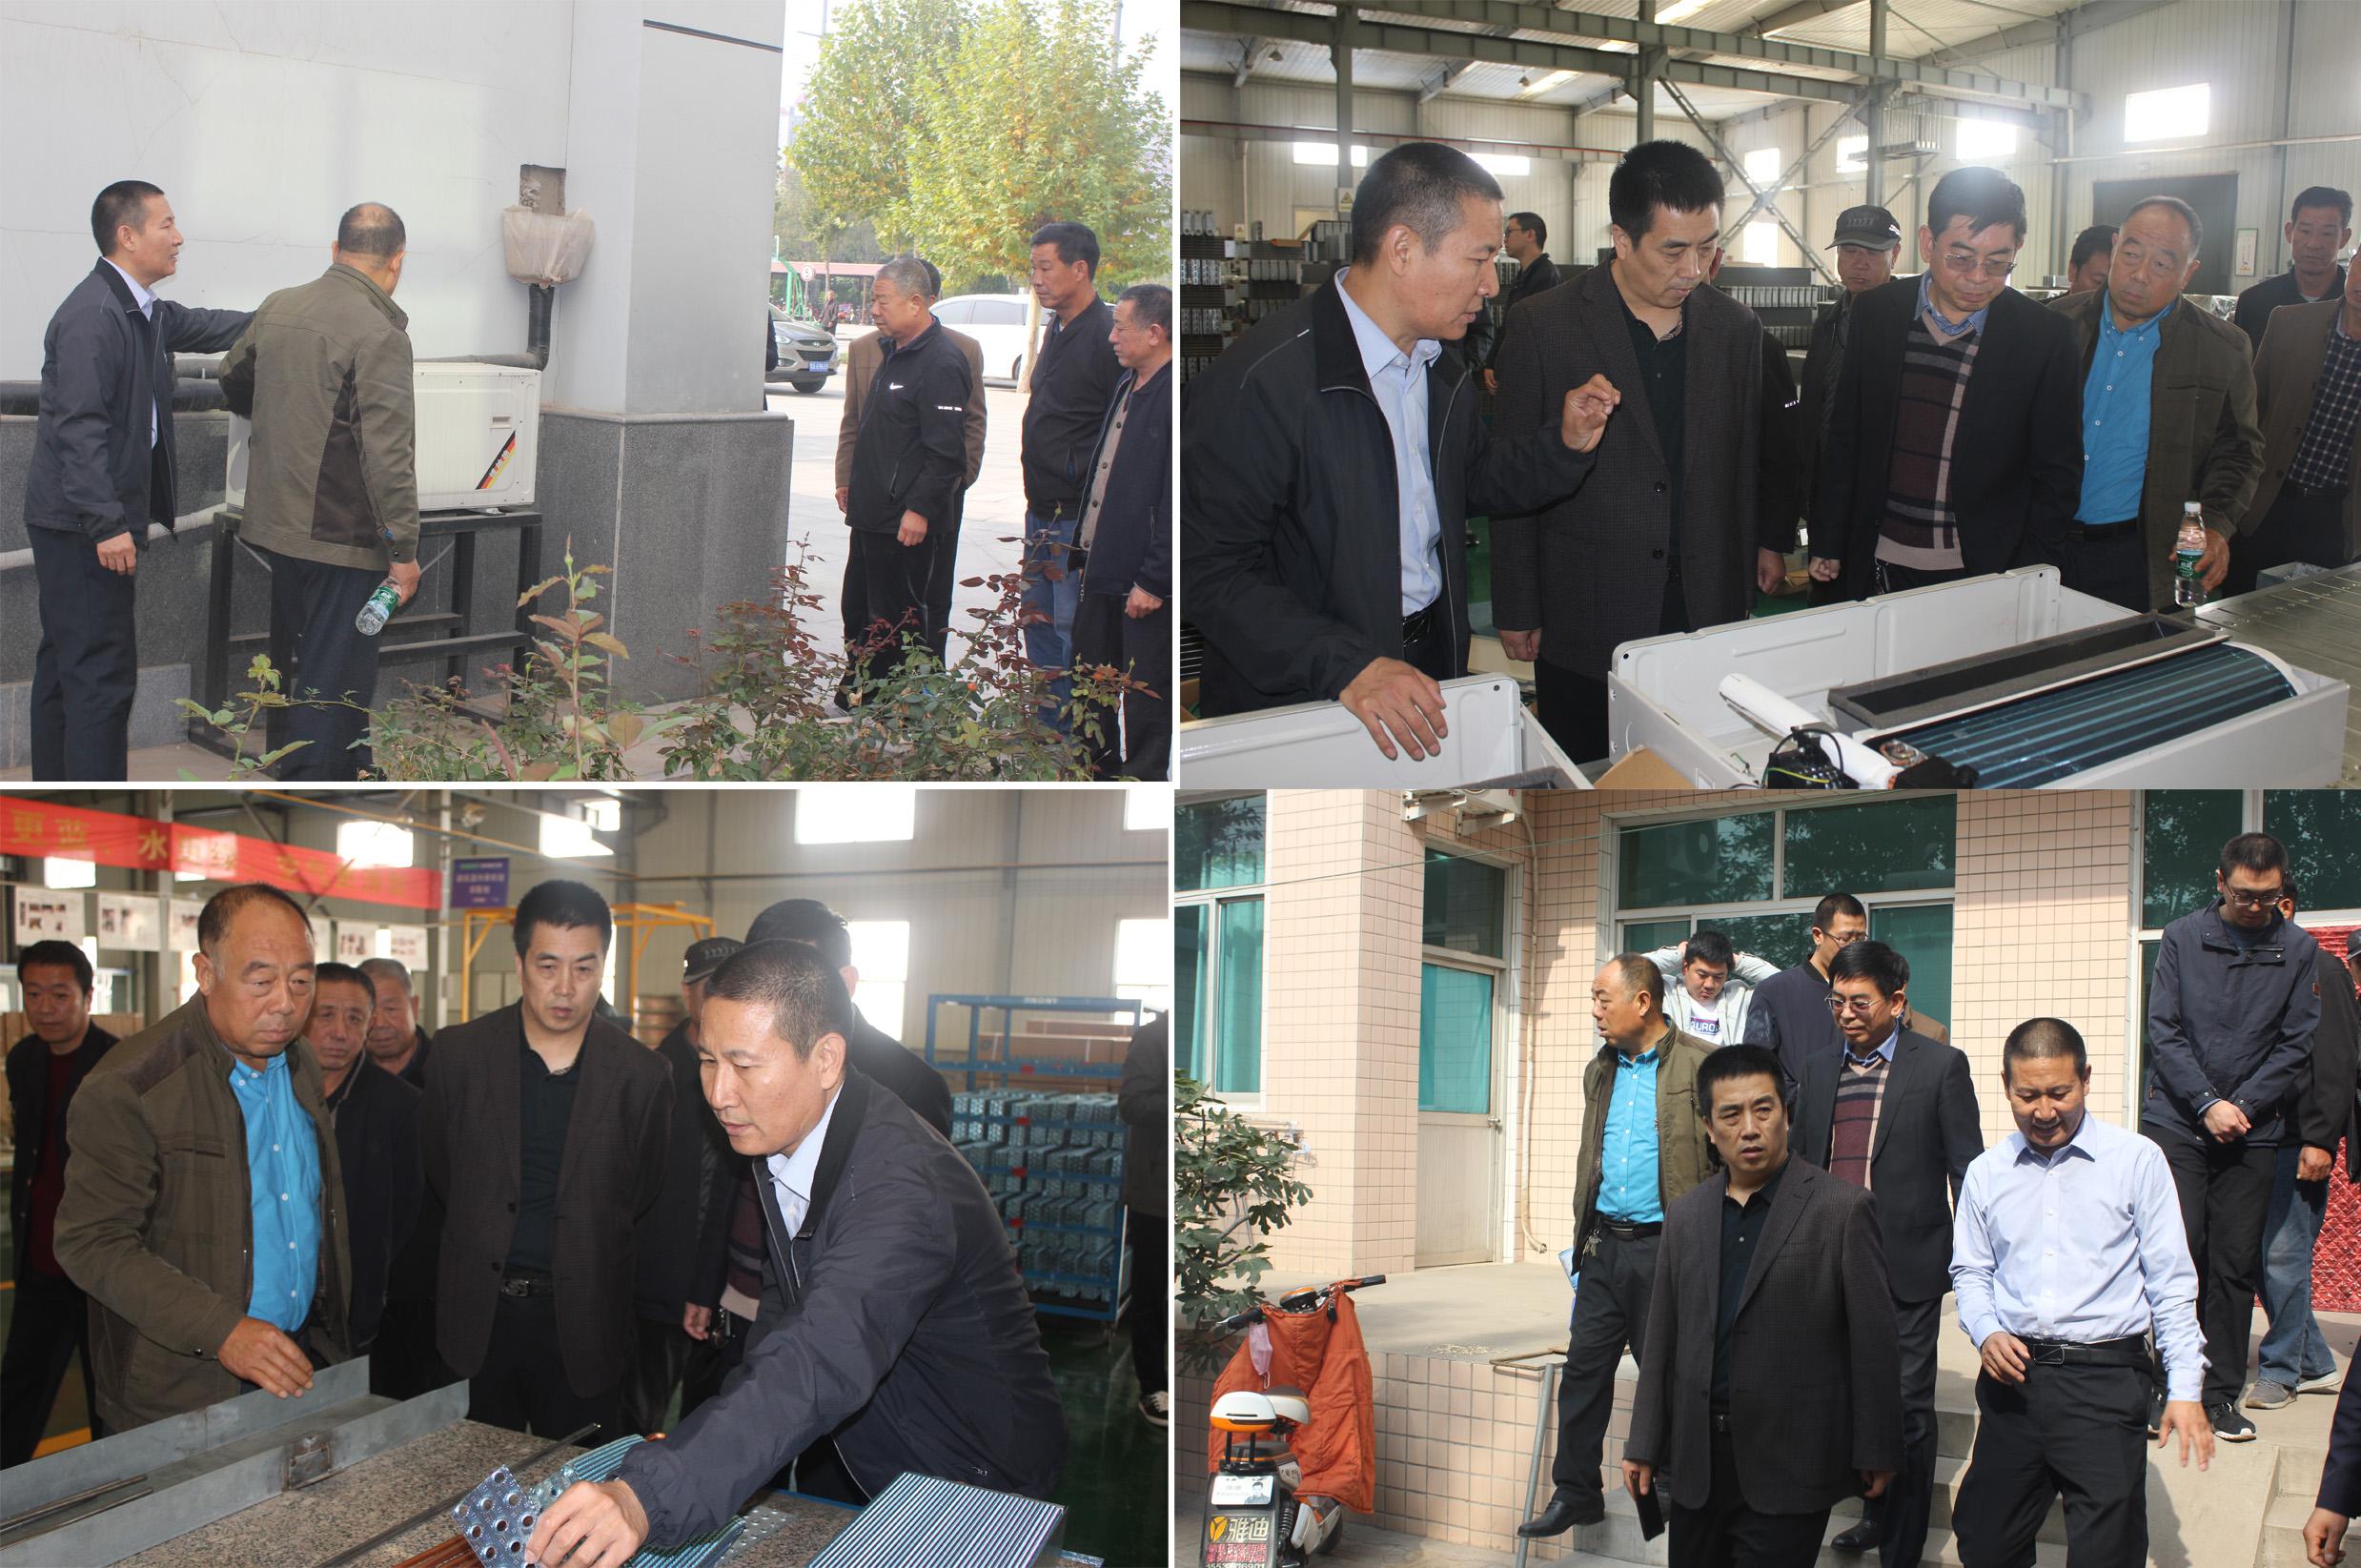 宁晋县双代办领导率村民代表到淘宝彩票为什么停售了参观考察